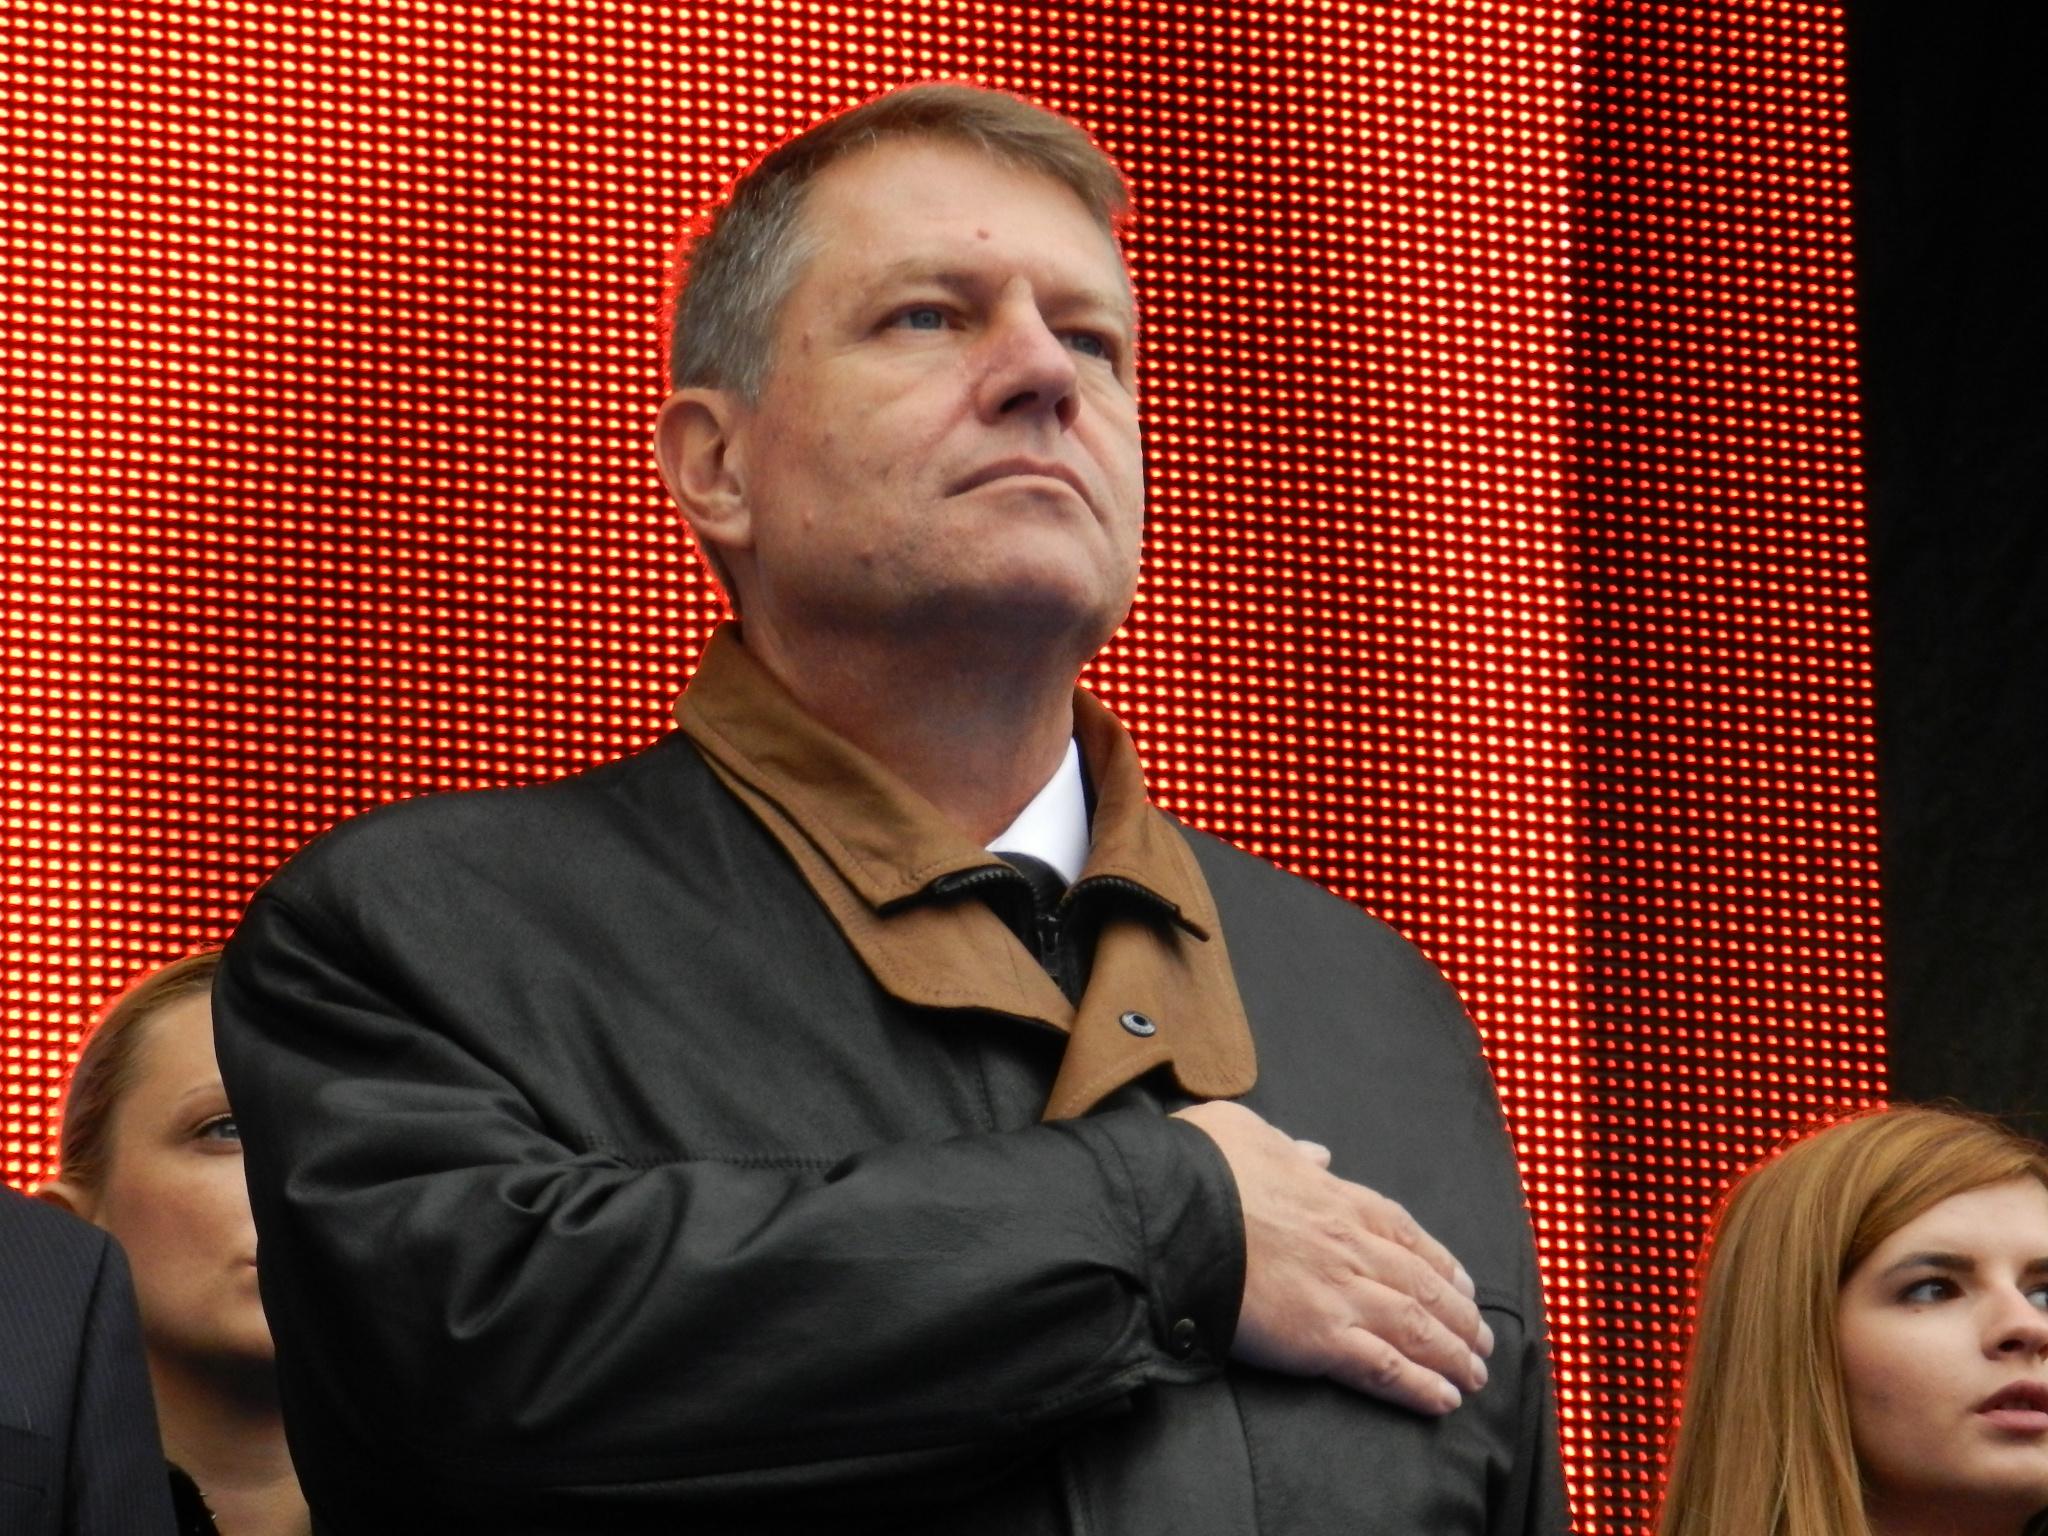 Iohannis urmează să numească un premier interimar, după demisia Guvernului, potrivit legii